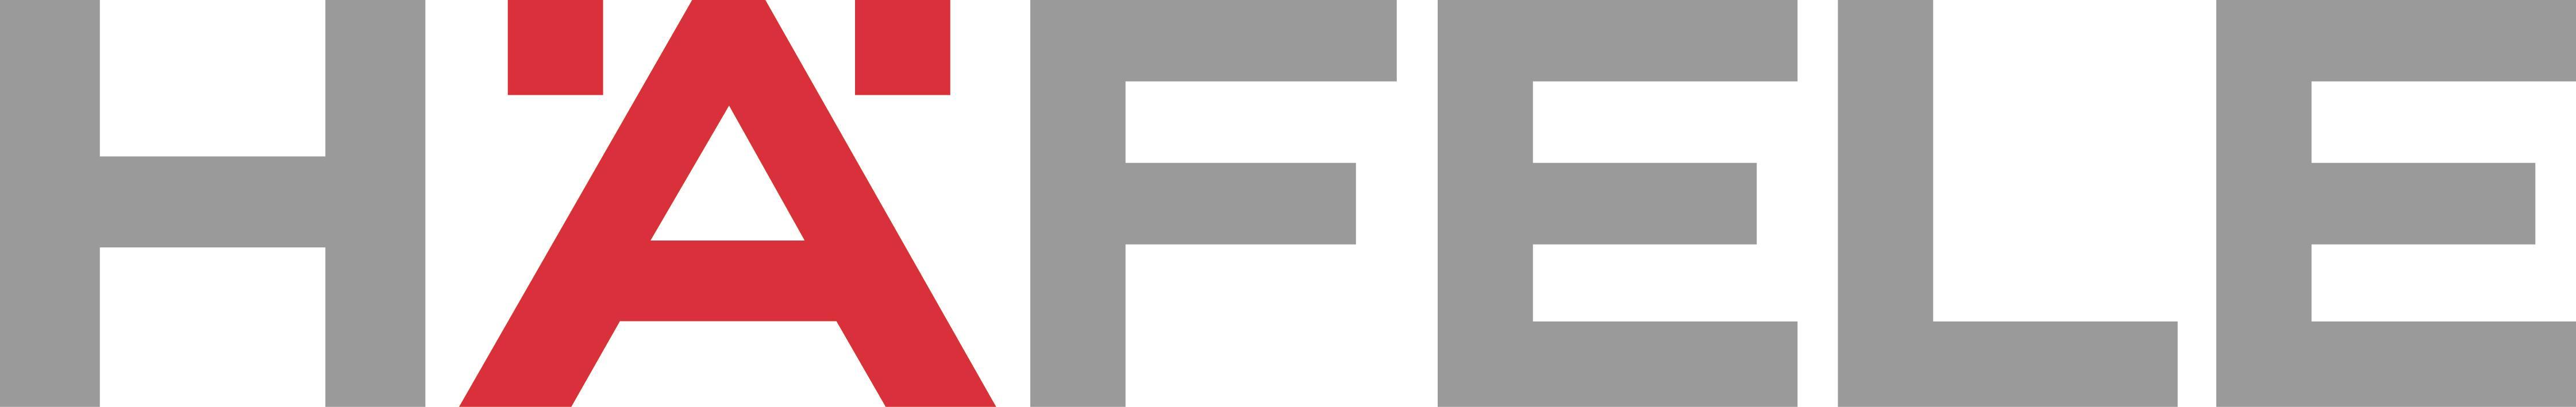 Hafele India Overview